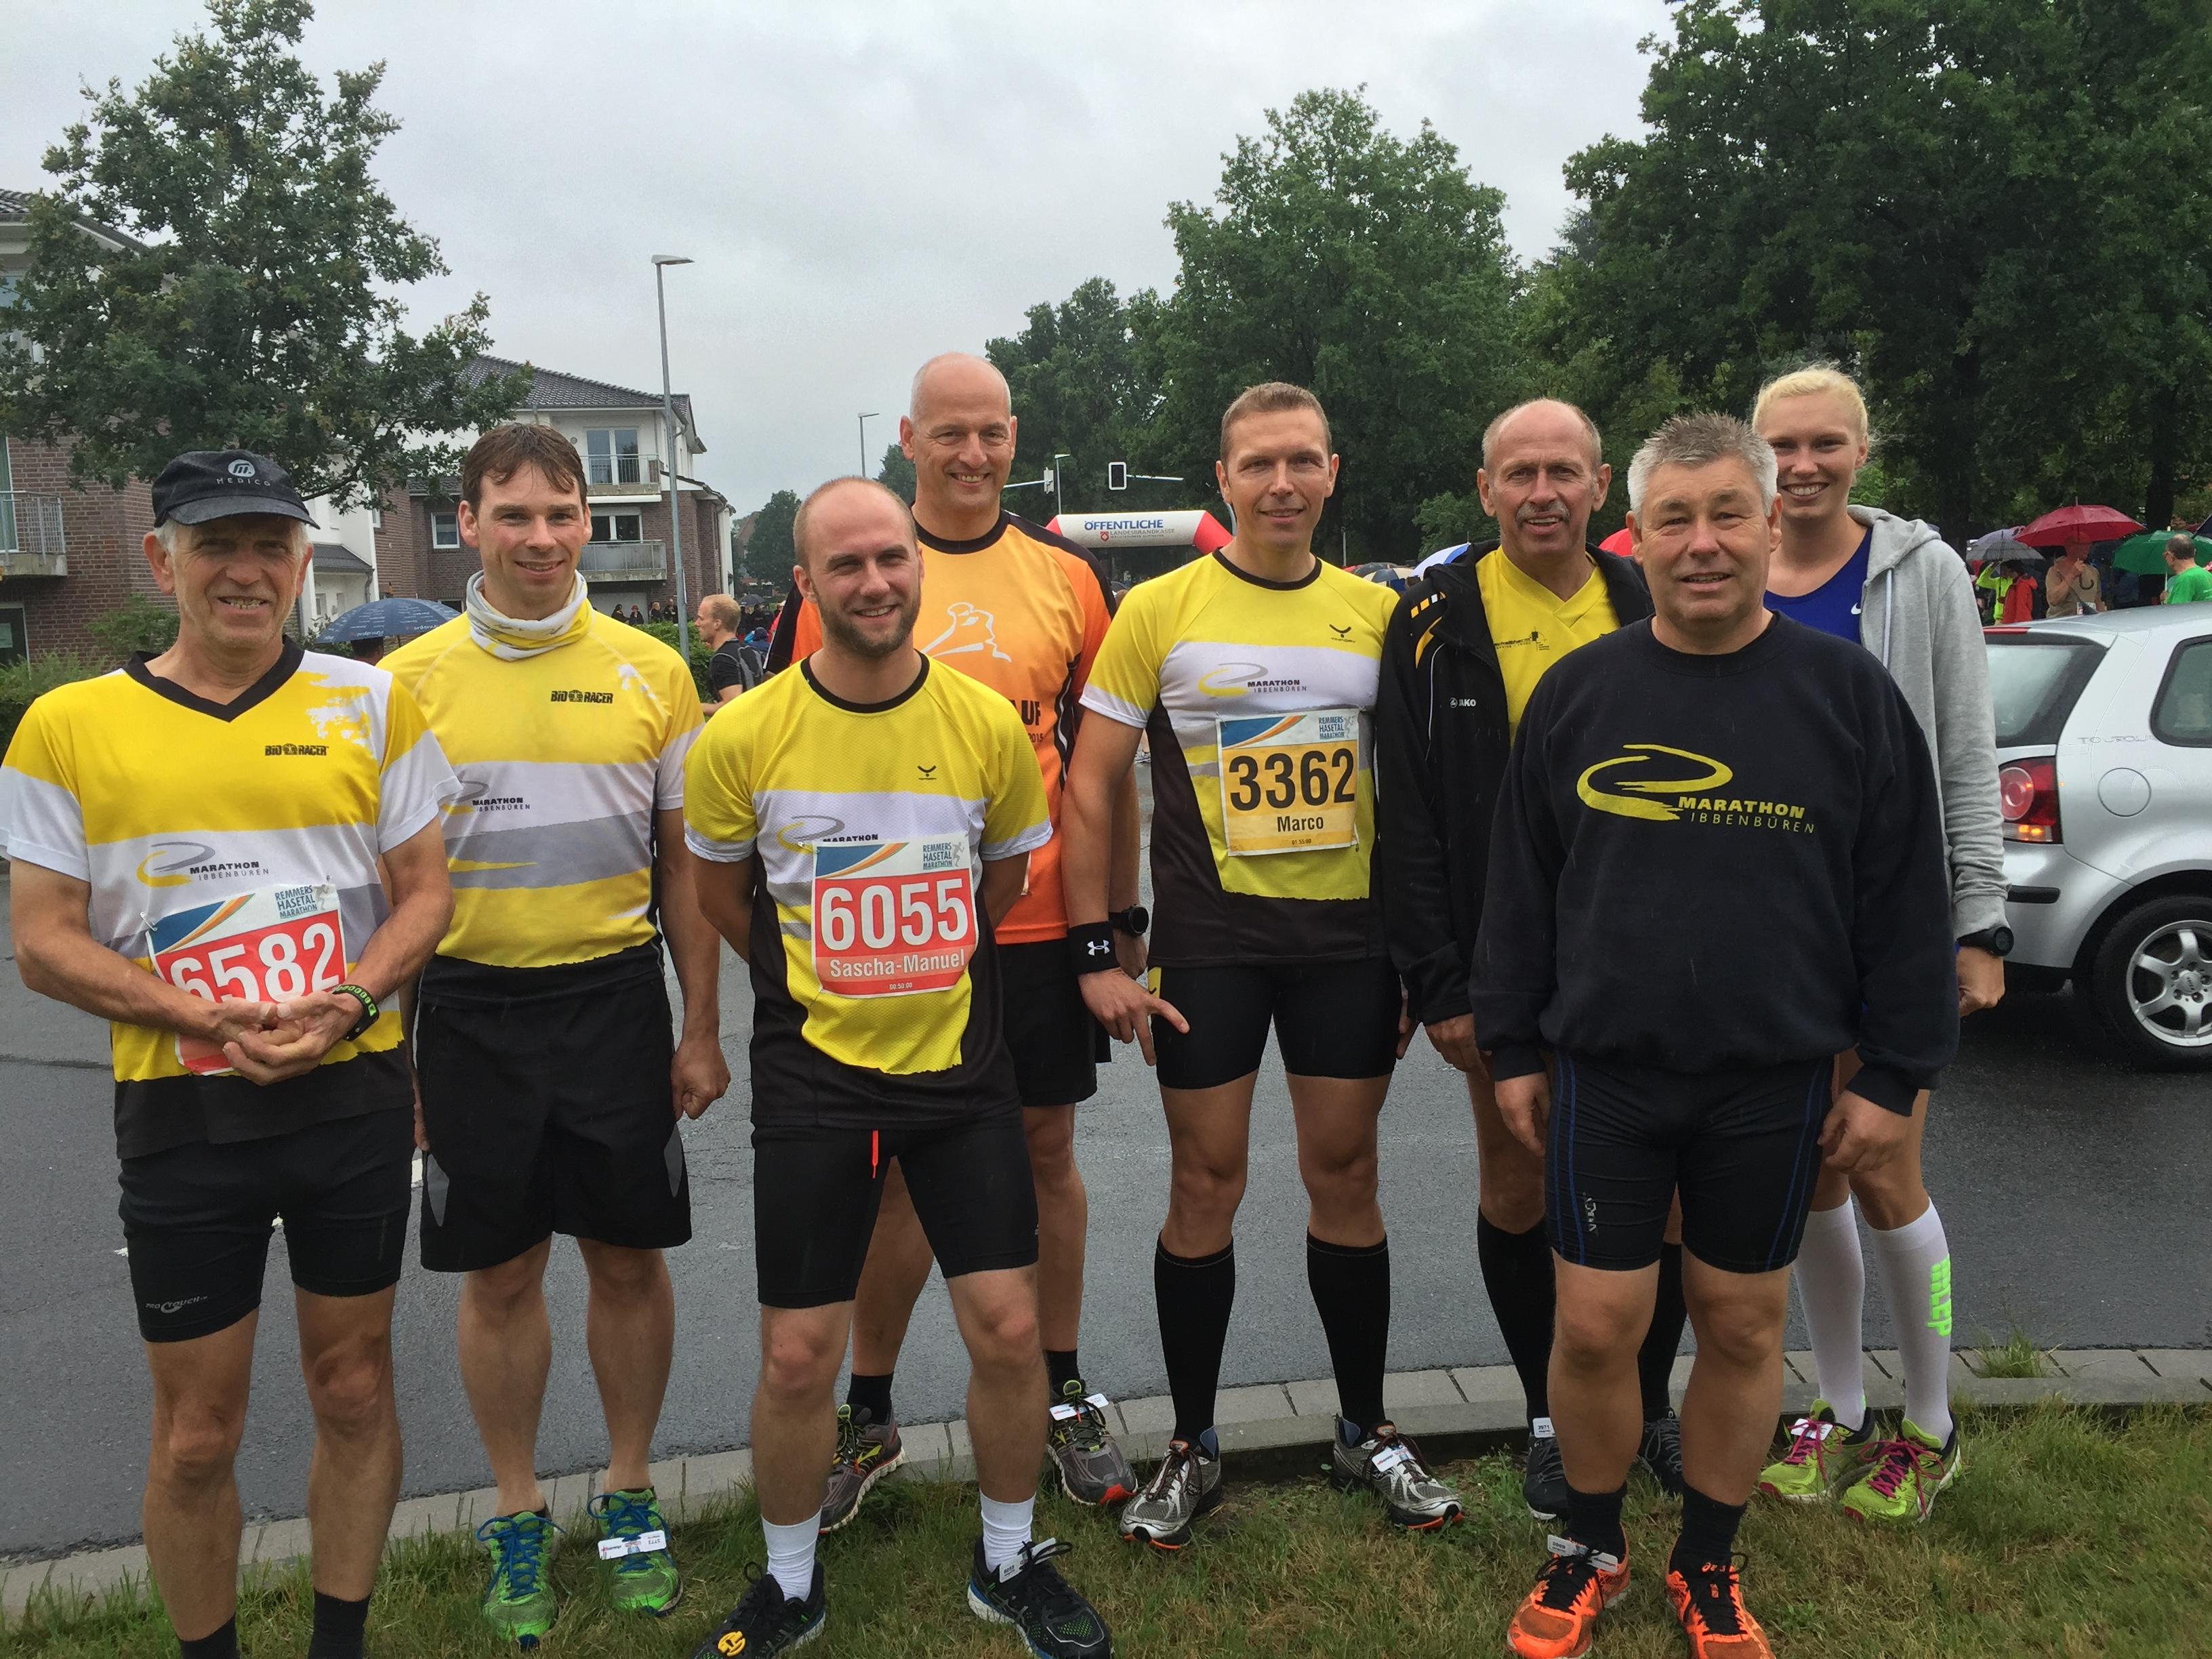 14.remmers hasetal-marathon in löningen – marathon ibbenbüren